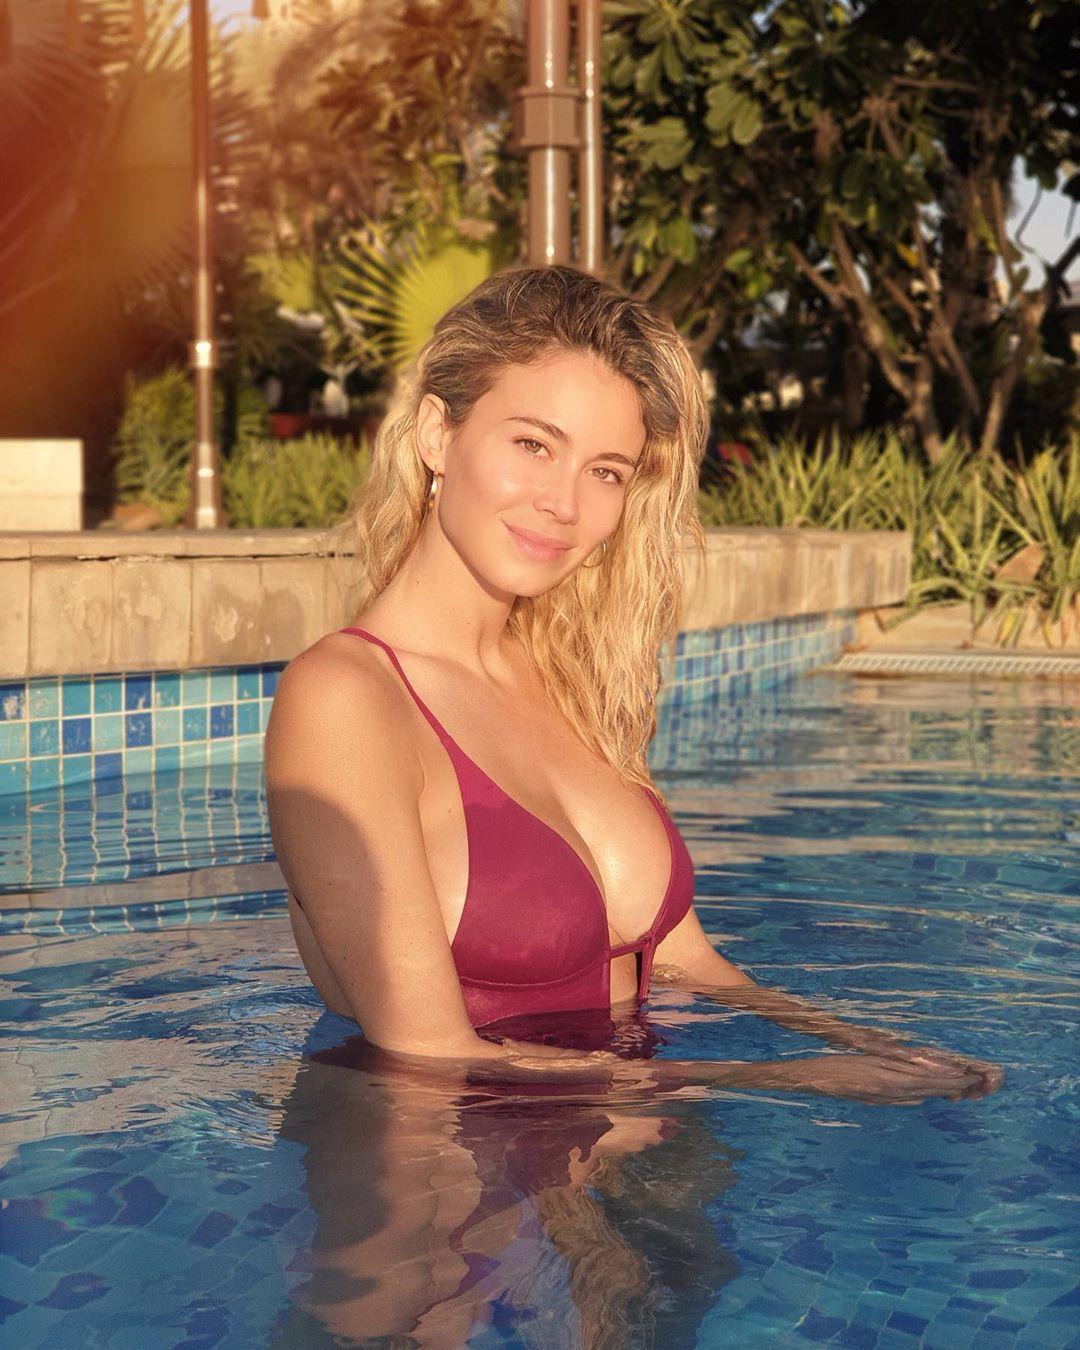 Diletta Leotta continua a splendere su Instagram, dove ha condiviso sul suo profilo un pomeriggio di relax in piscina. La giornalista sportiva, in spl...